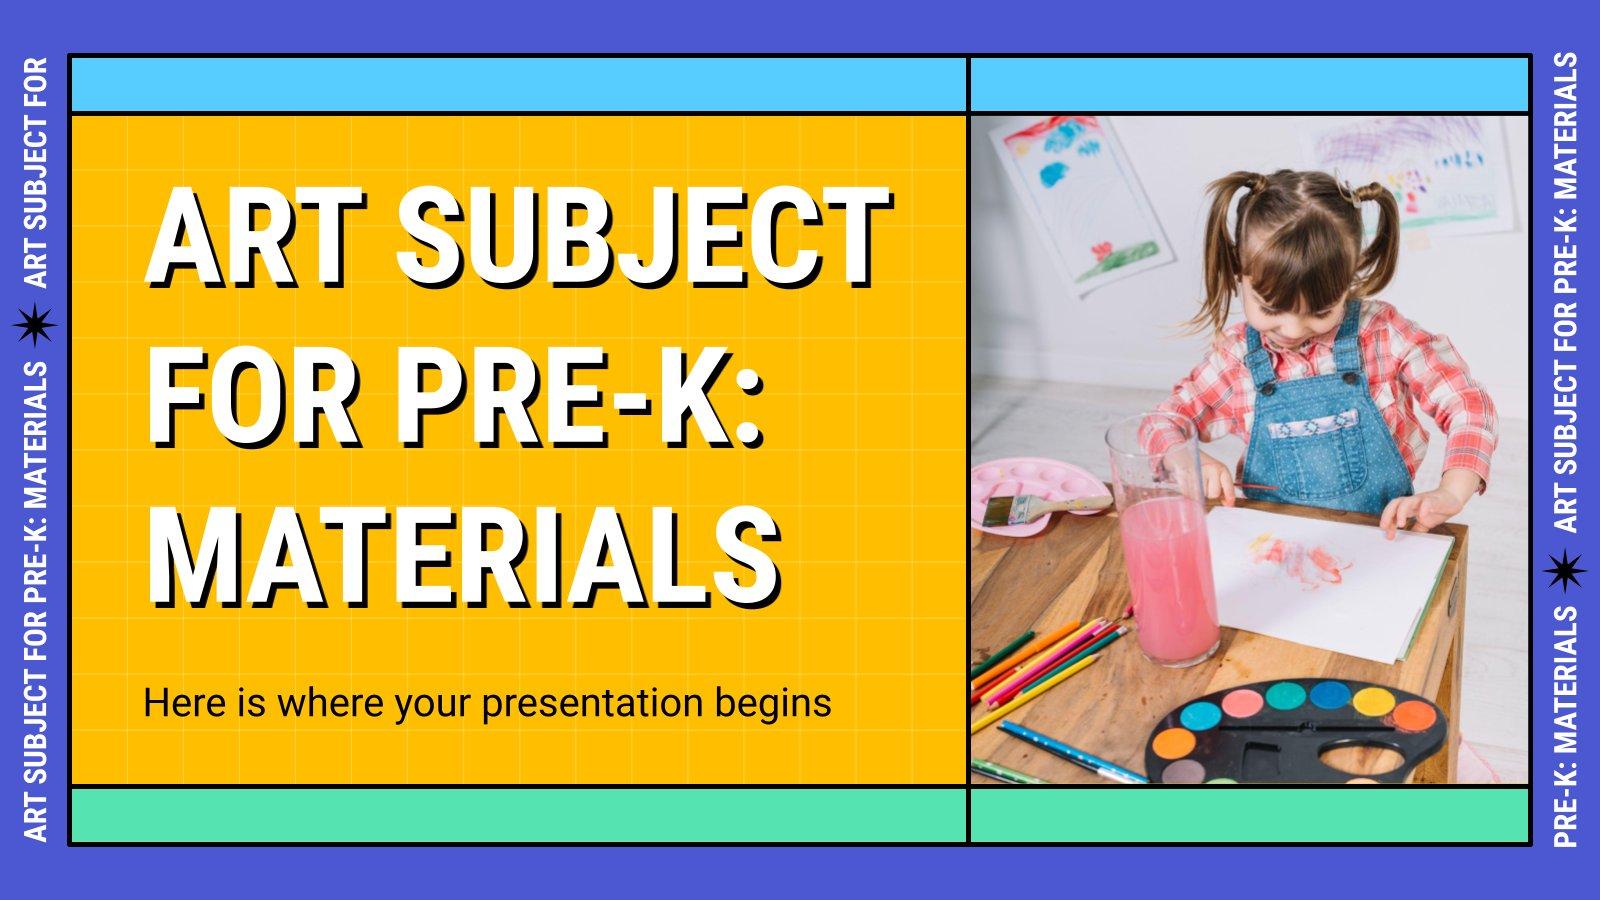 L'art pour la maternelle : Matériaux : Modèles de présentation